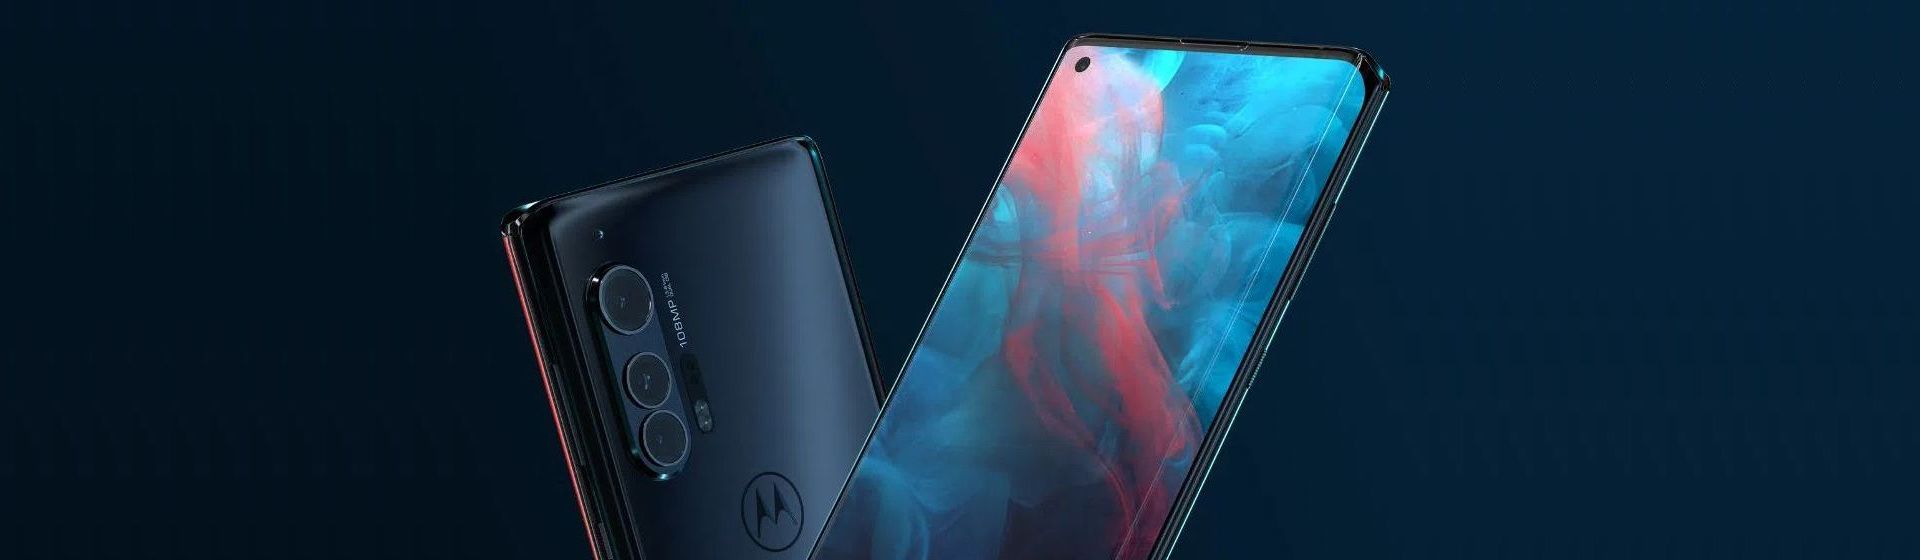 Melhores celulares Motorola em 2021: 7 smartphones do básico ao top de linha